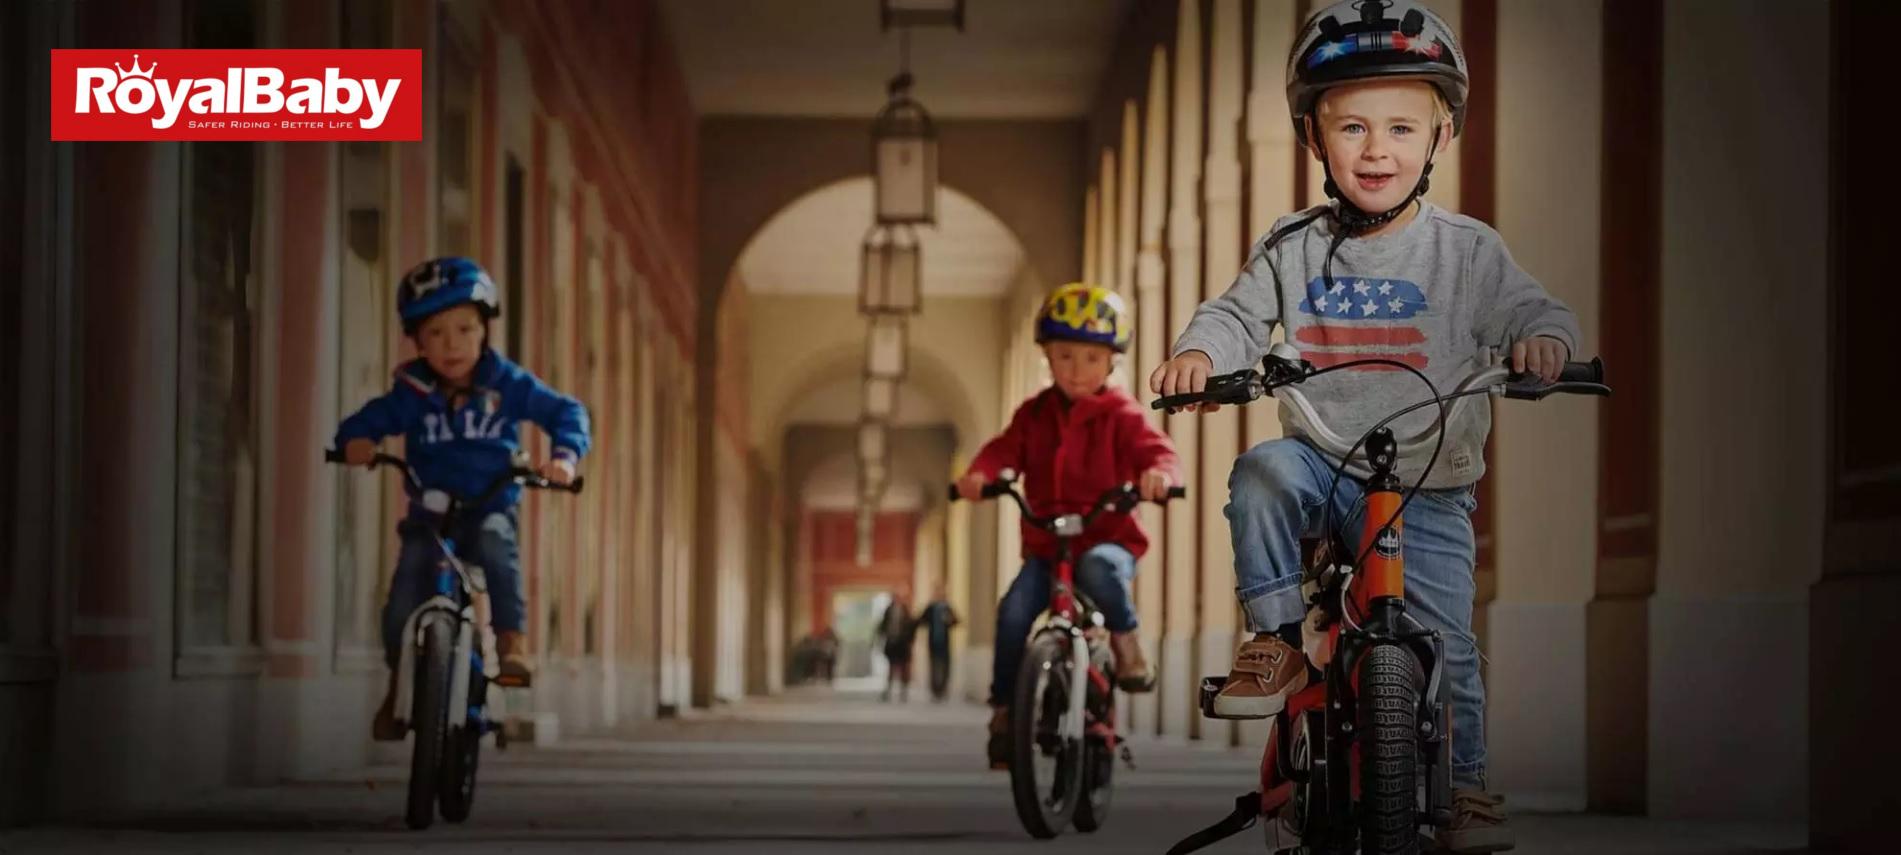 RoyalBaby - dětská kola